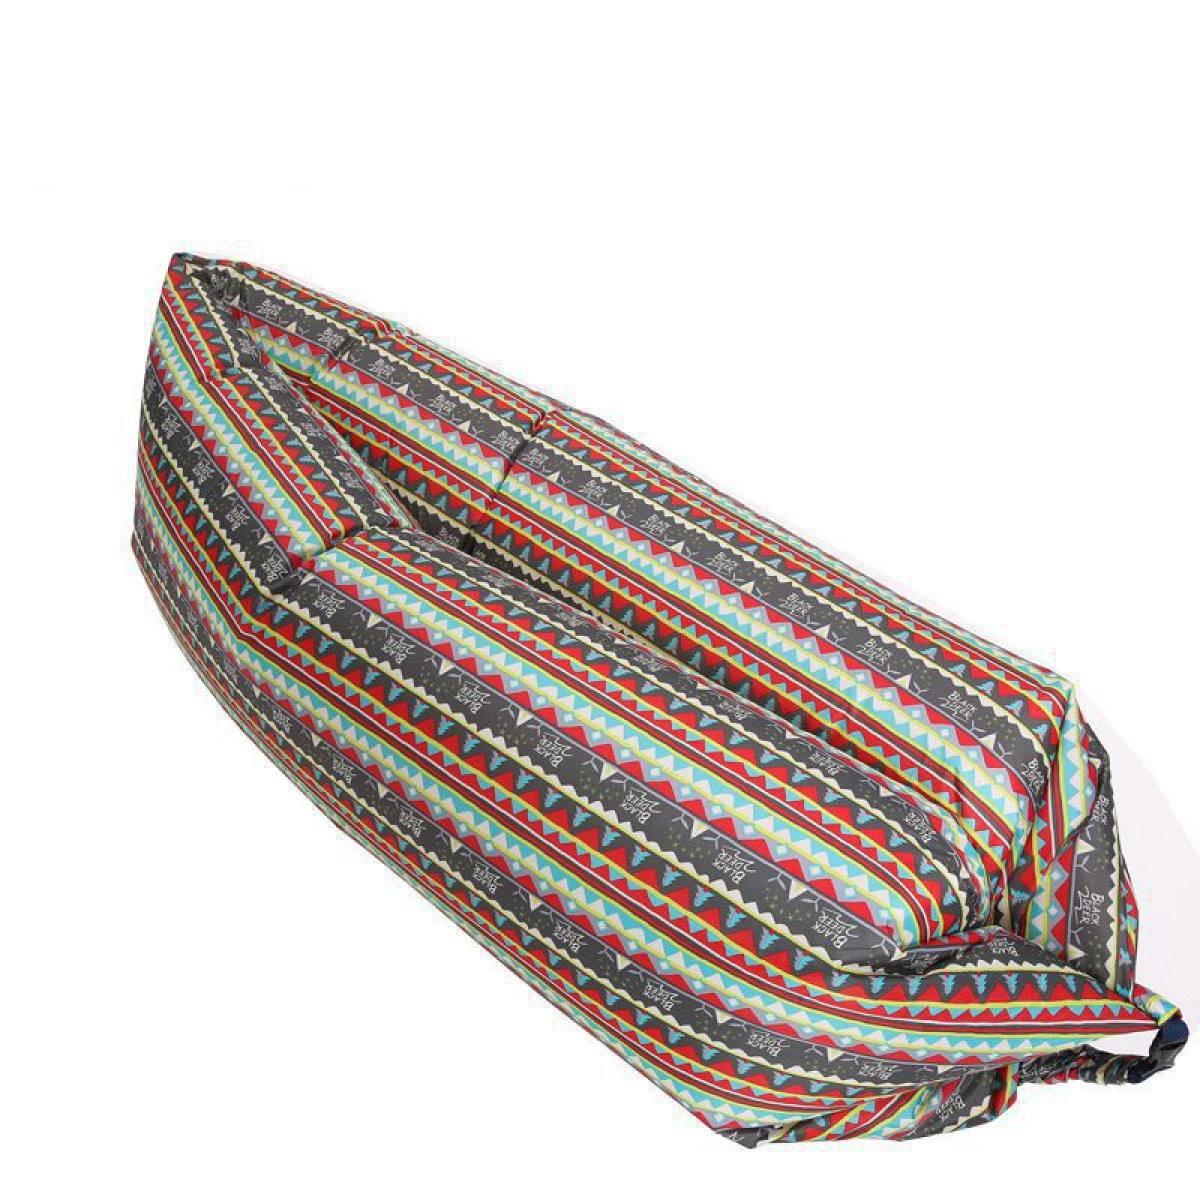 LQQAZY Im Freien Aufblasbares Ruhesessel-Sofa-faltbares Strand-beiläufiges Tragbares Aufblasbares Bett,A